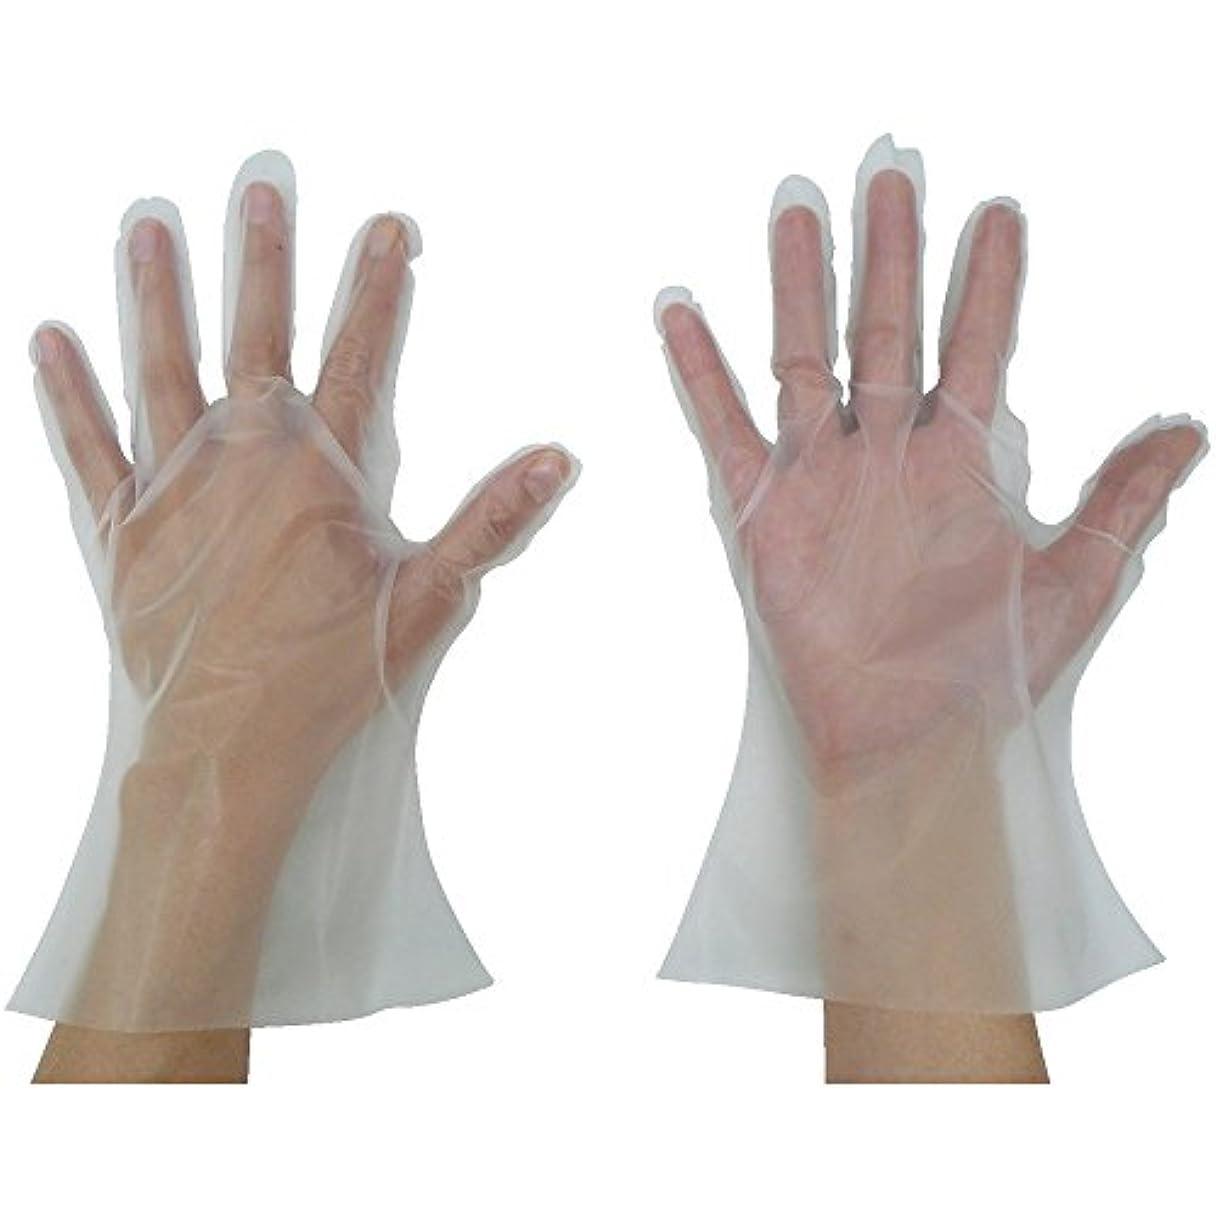 排気美徳ペナルティ東京パック 緊急災害対策用手袋ニュ?マイジャスト簡易50S 半透明 KN-S ポリエチレン使い捨て手袋